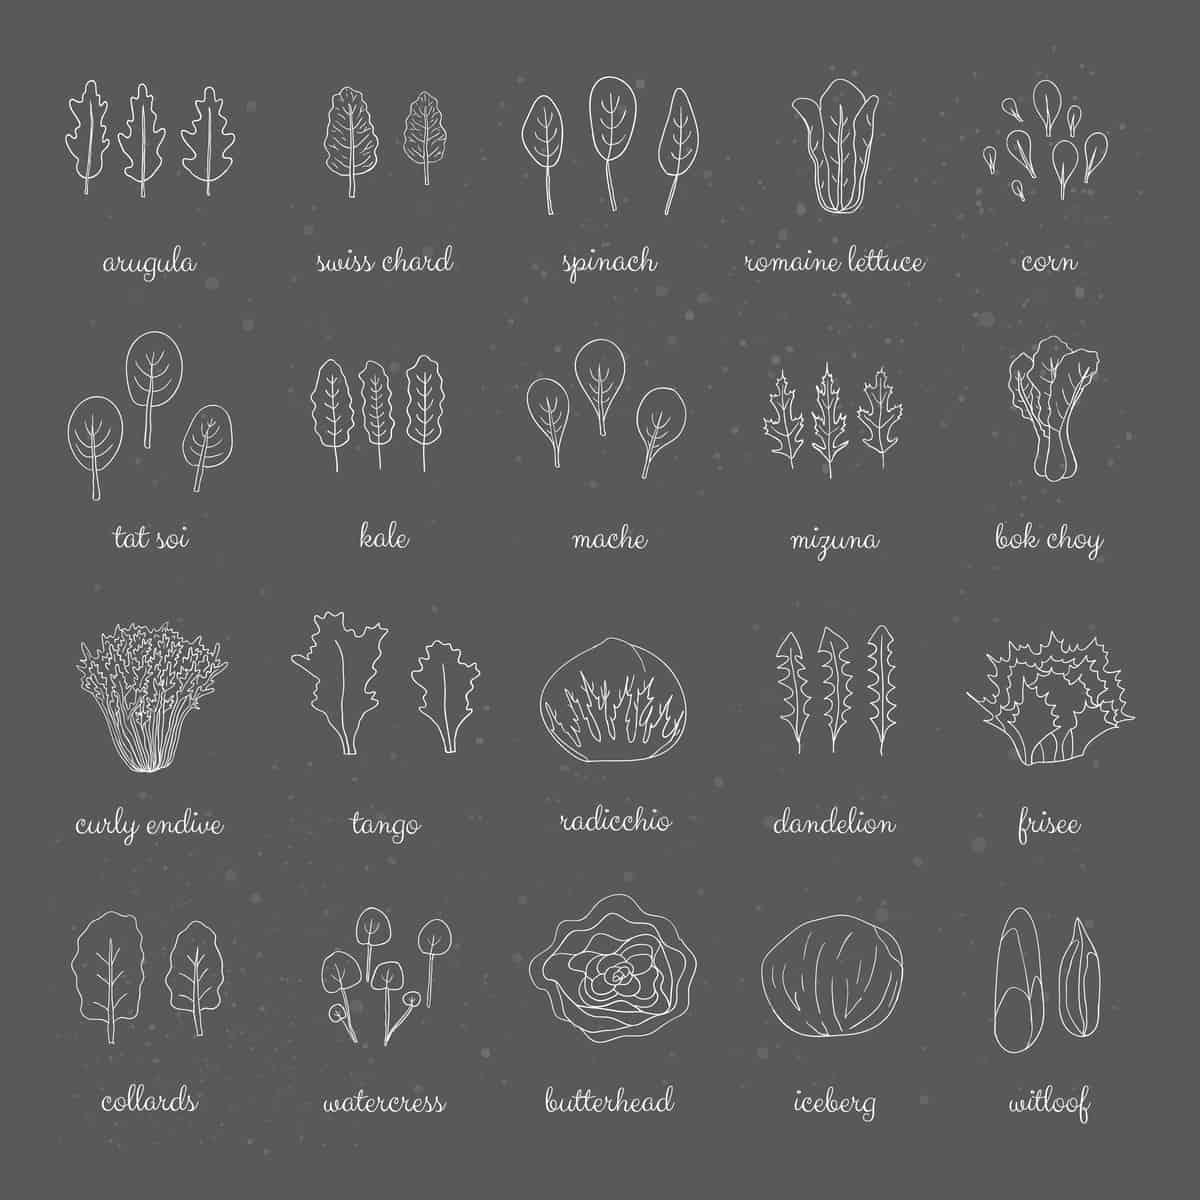 Types of lettuce chart